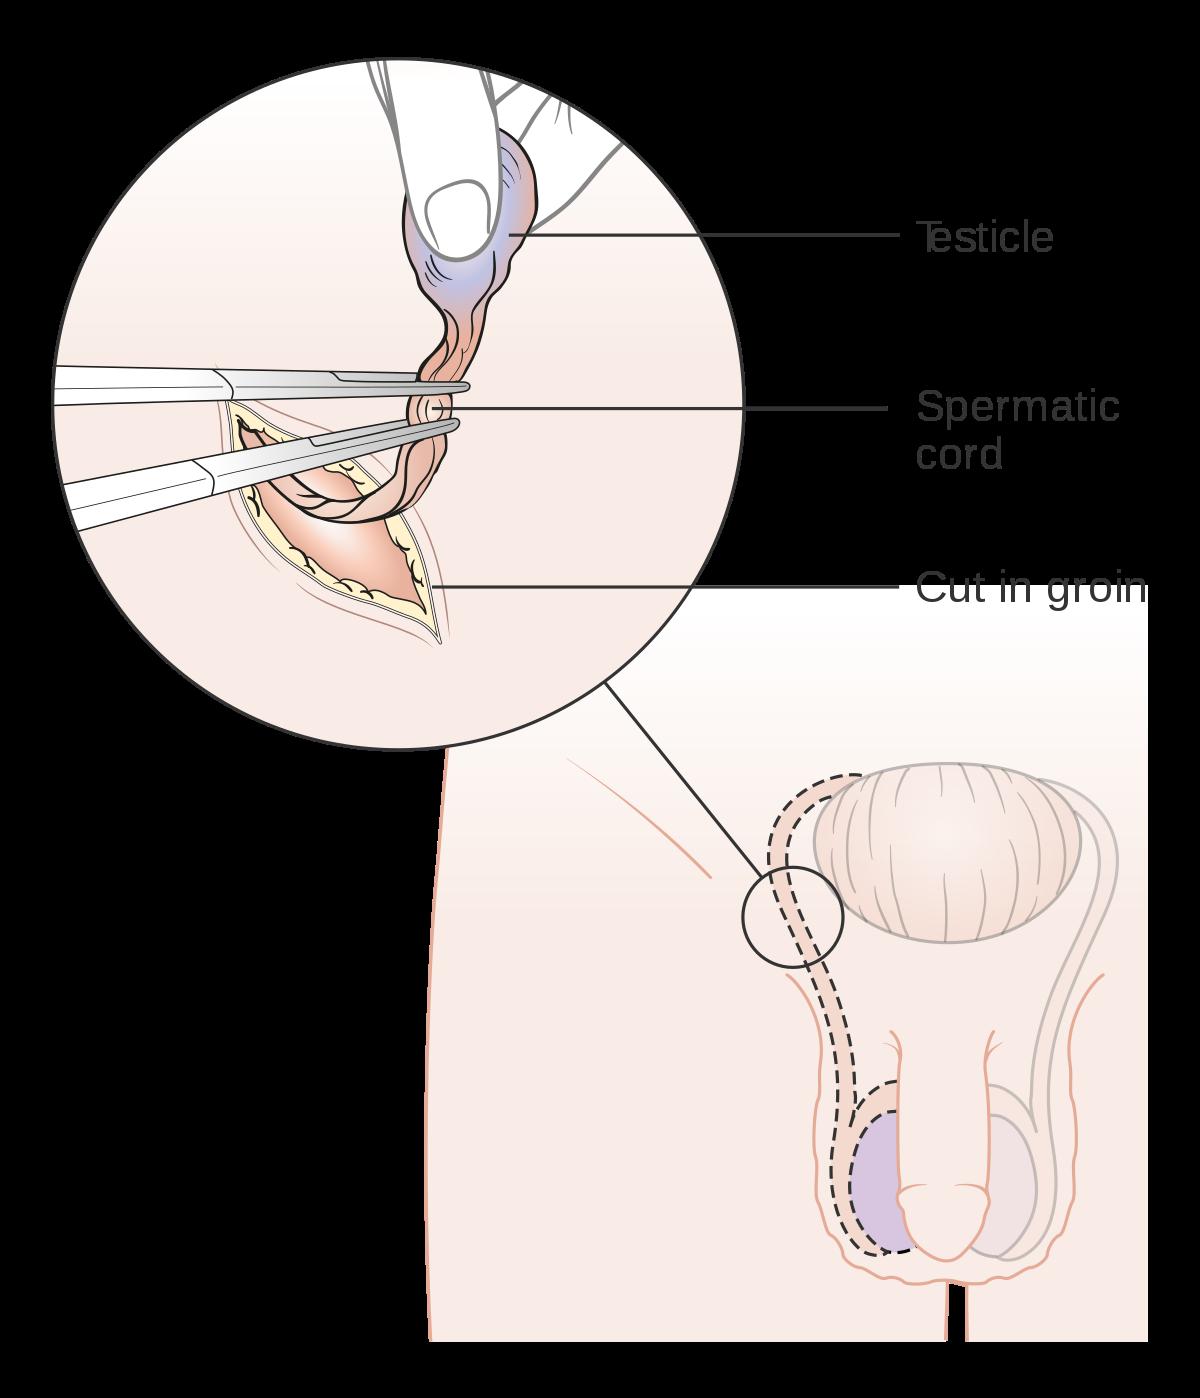 testicular - Traducere în română - exemple în engleză   Reverso Context